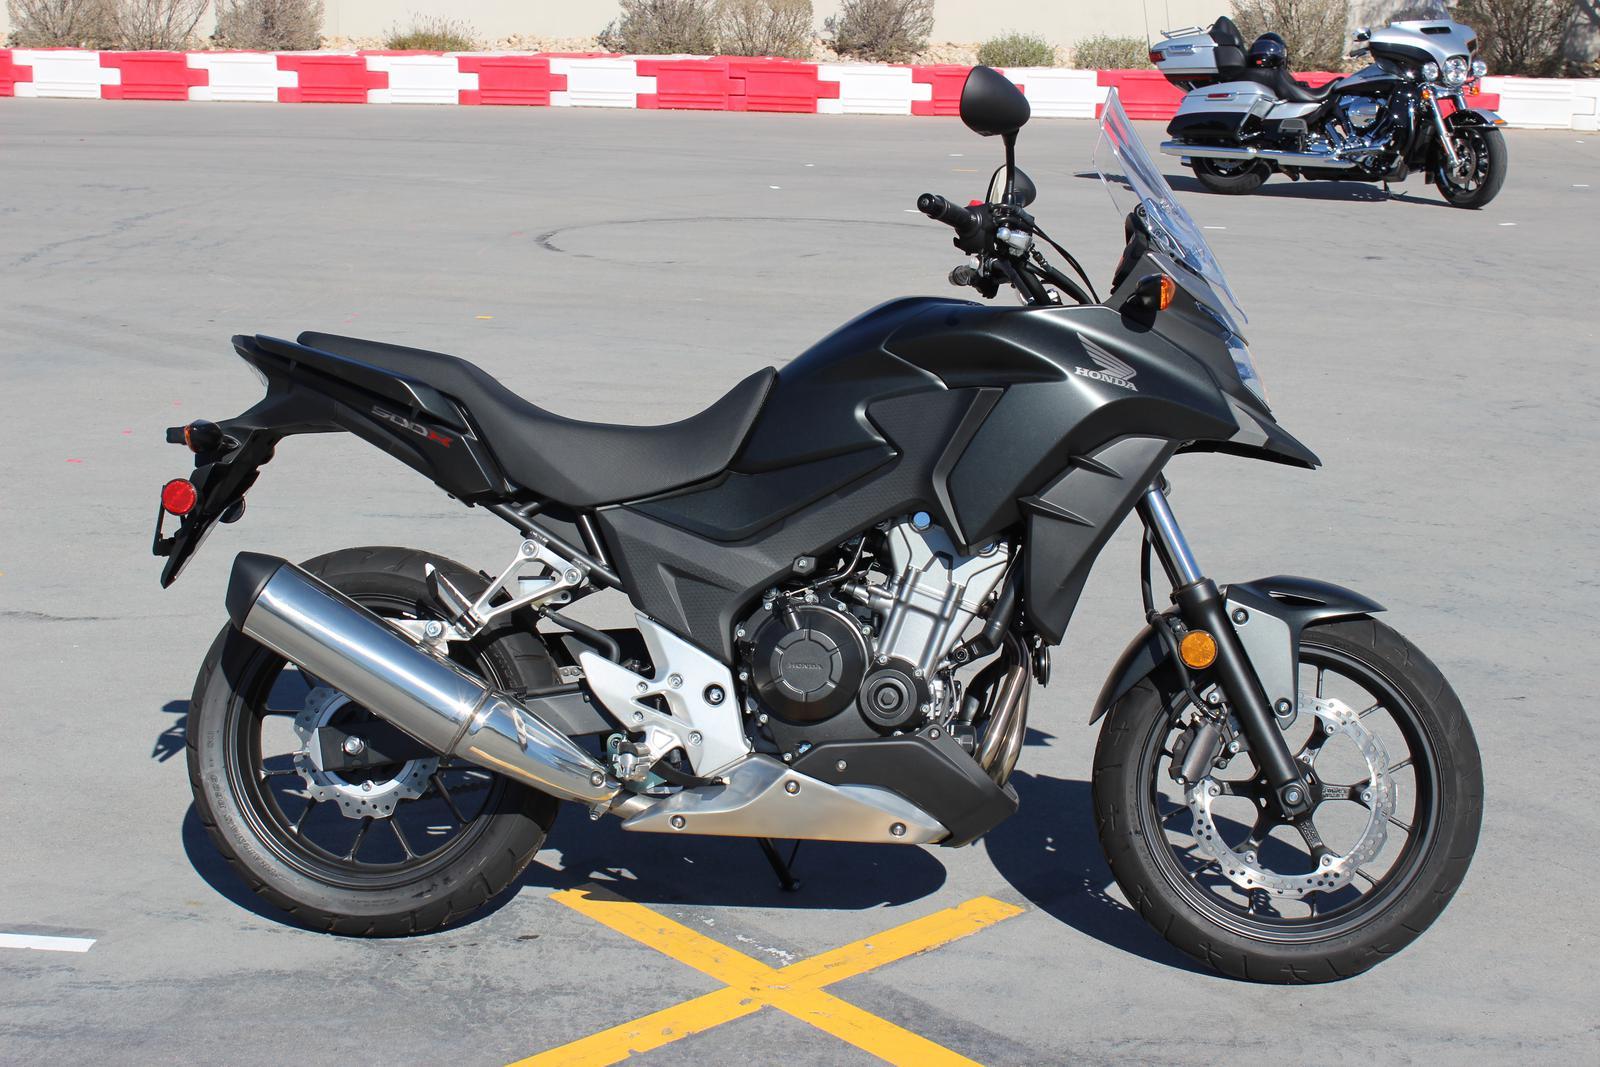 2016 honda cb500x for sale in scottsdale, az | go az motorcycles